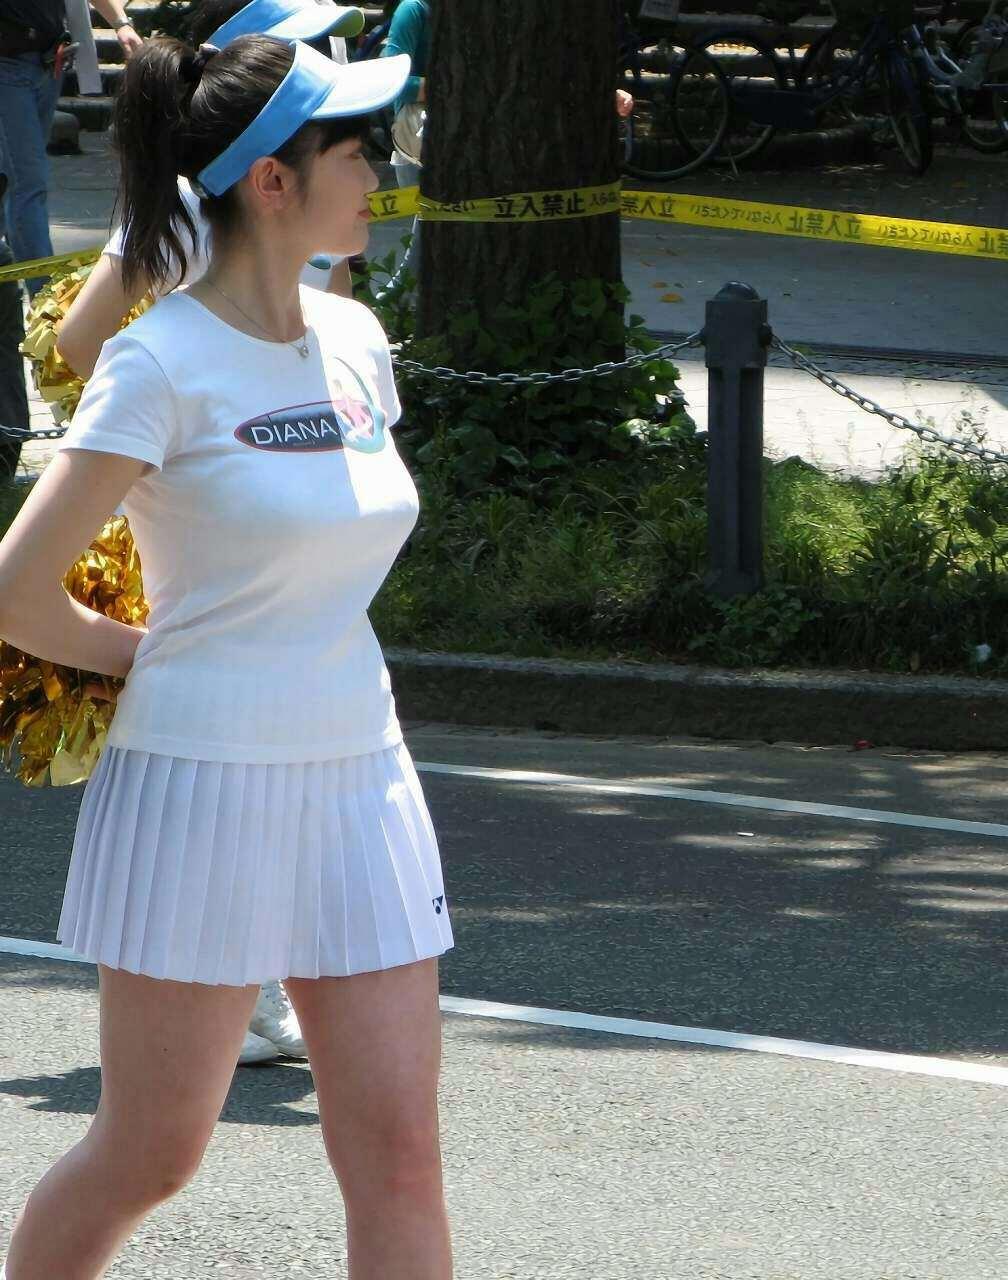 スポーツする女の子のクッソエロい画像をくださいwwwwww Acfr851